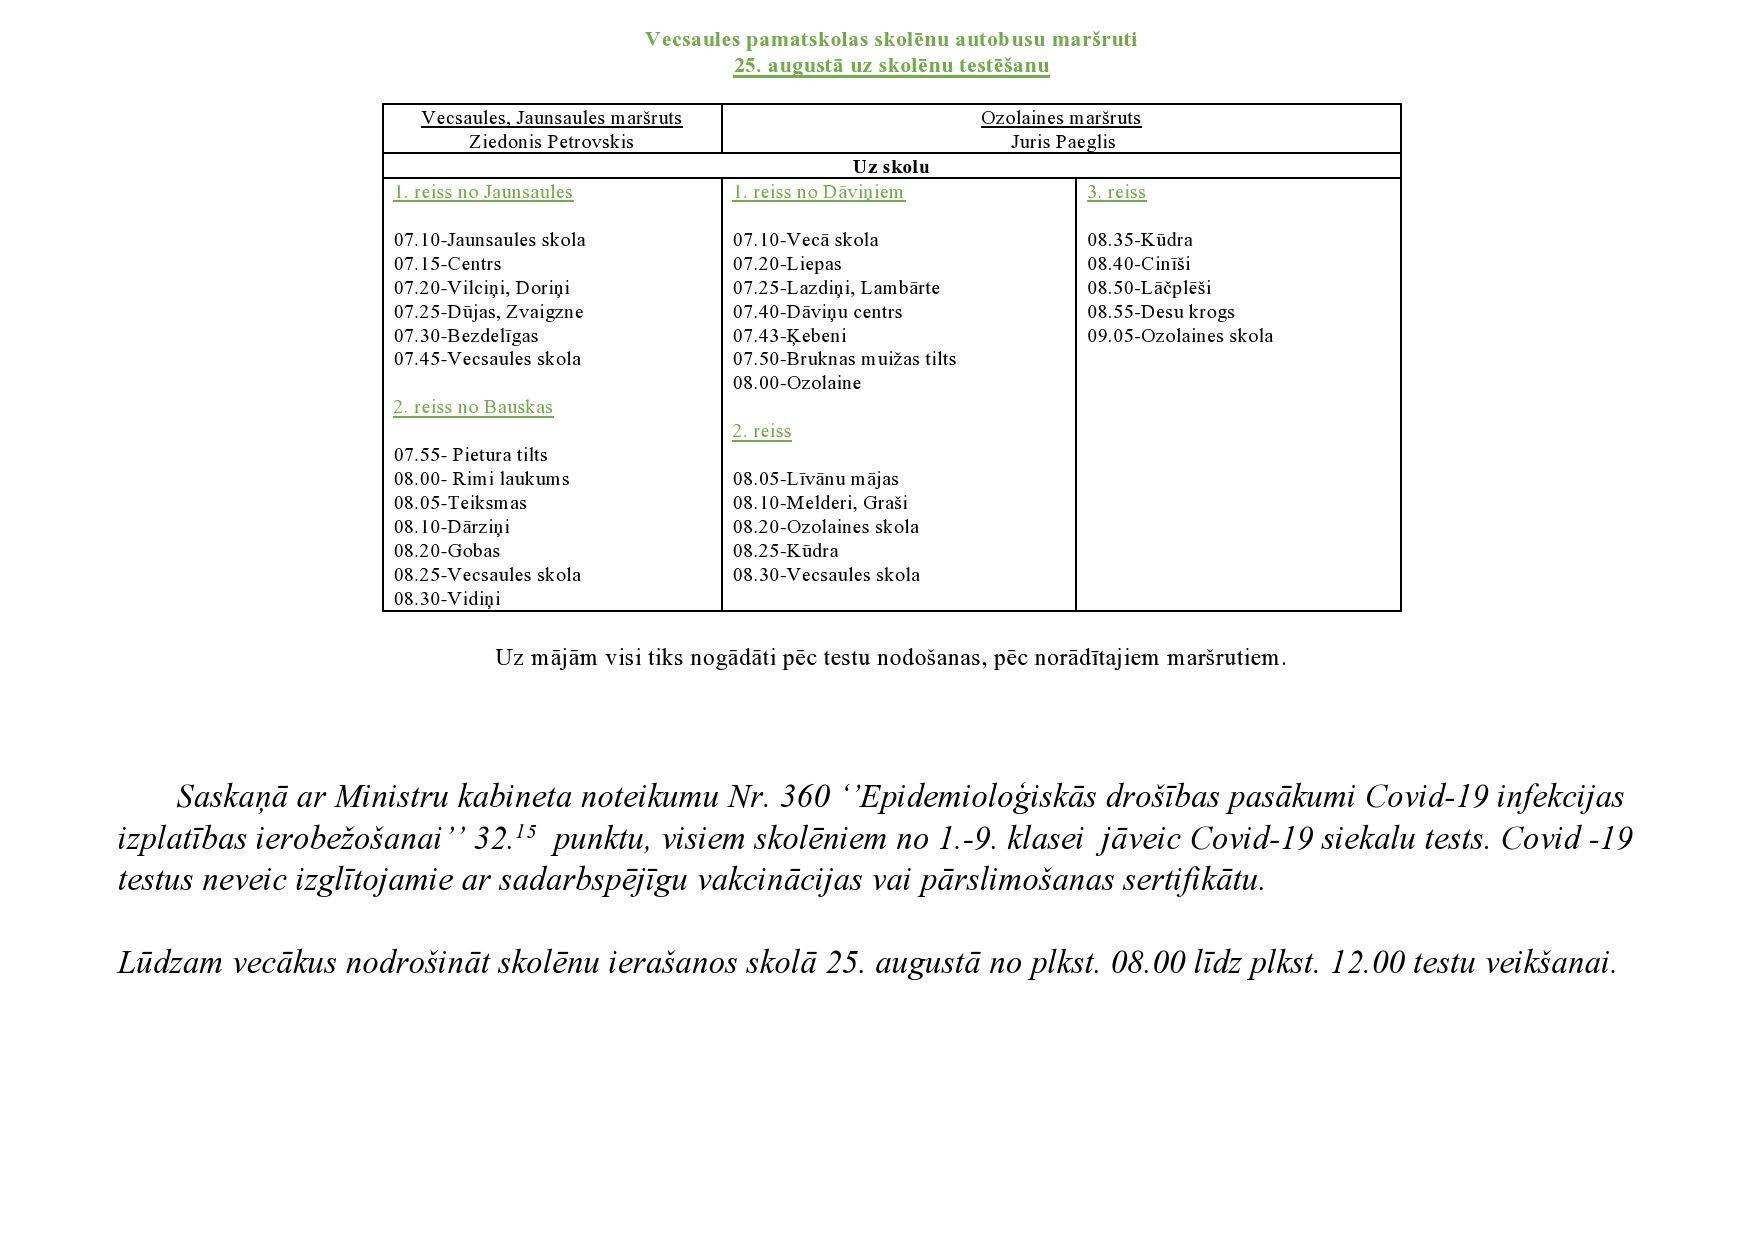 Saskaņā ar Ministru kabineta noteikumu Nr. 360 ''Epidemioloģiskās drošības pasākumi Covid-19 infekcijas izplatības ierobežošanai'' 32.15  punktu, visiem skolēniem no 1.-9. klasei  jāveic Covid-19 siekalu tests. Covid -19 testus neveic izglītojamie ar sadarbspējīgu vakcinācijas vai pārslimošanas sertifikātu.  Lūdzam vecākus nodrošināt skolēnu ierašanos skolā 25. augustā no plkst. 08.00 līdz plkst. 12.00 testu veikšanai.